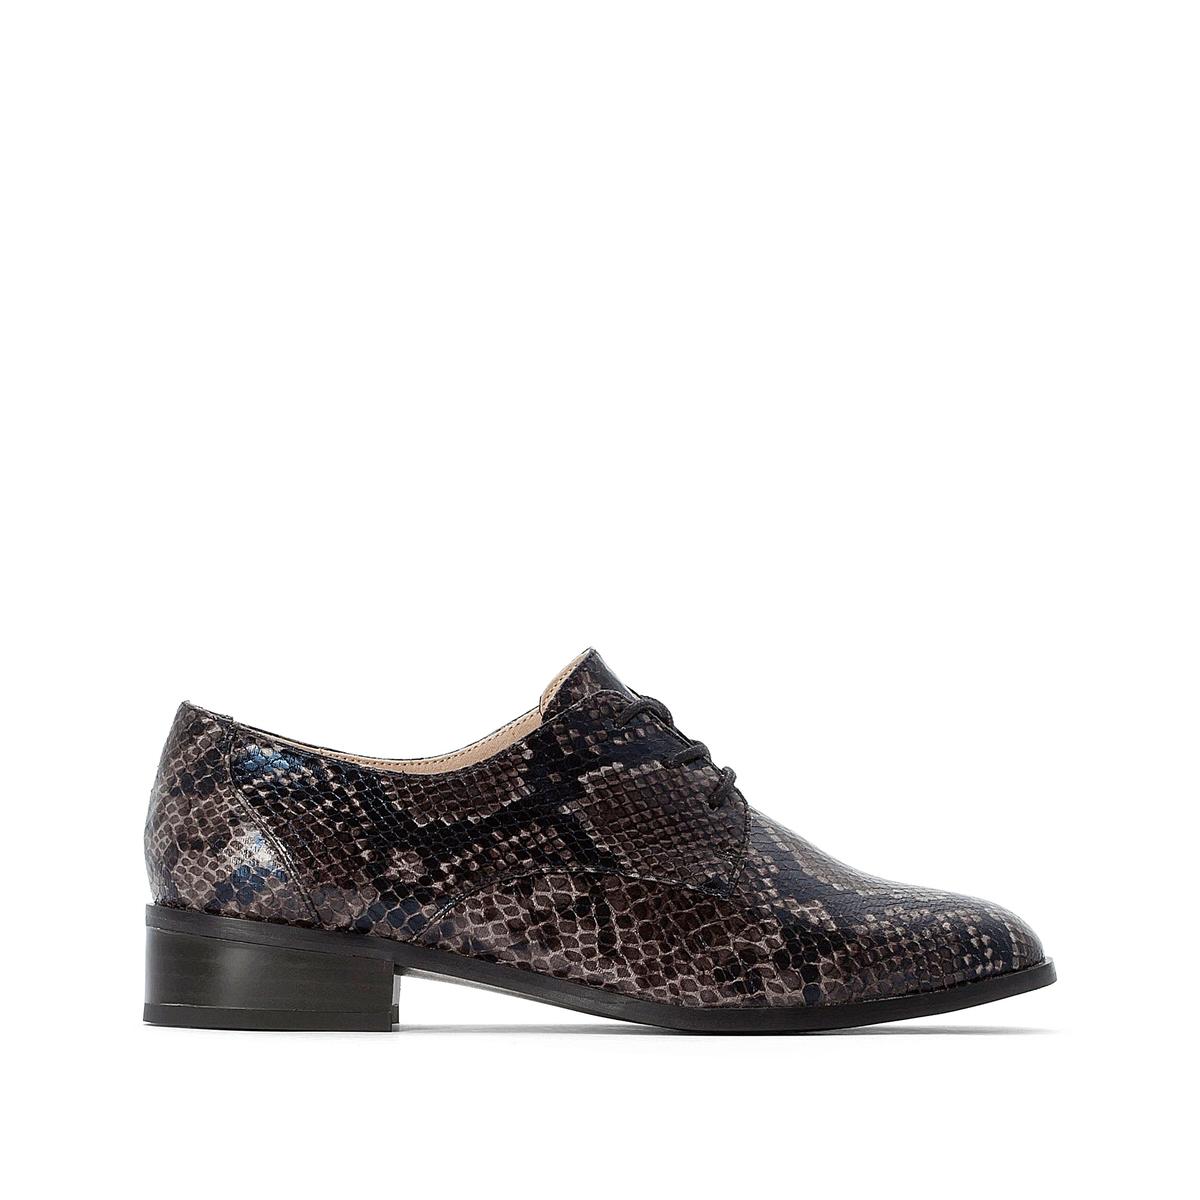 Ботинки-дерби La Redoute На шнуровке имитация кожи питона 41 каштановый ботинки la redoute на шнуровке 38 белый